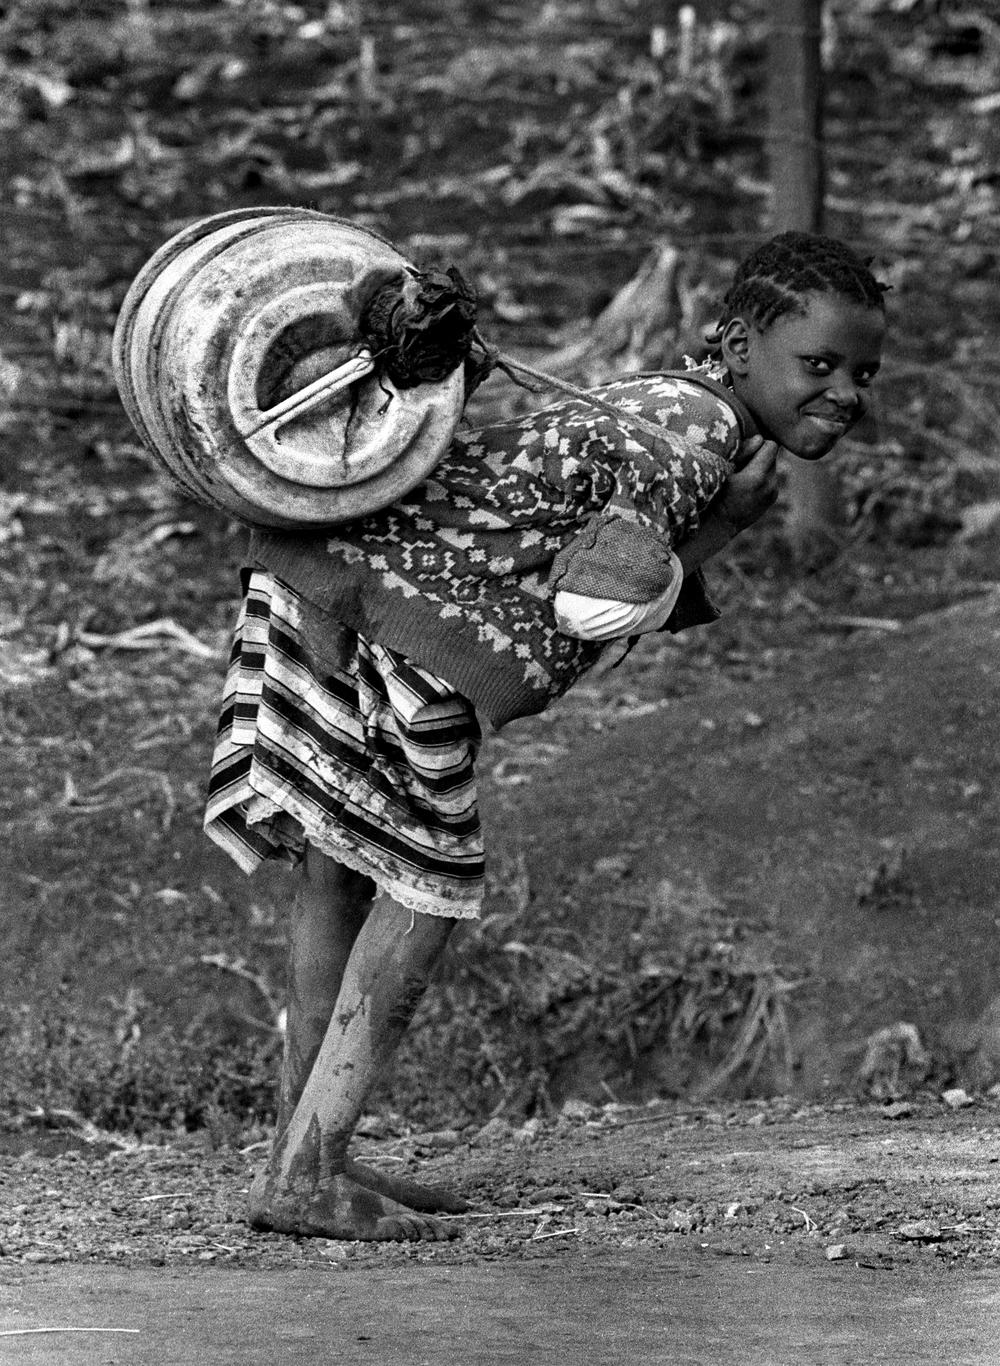 Kikuyu kid